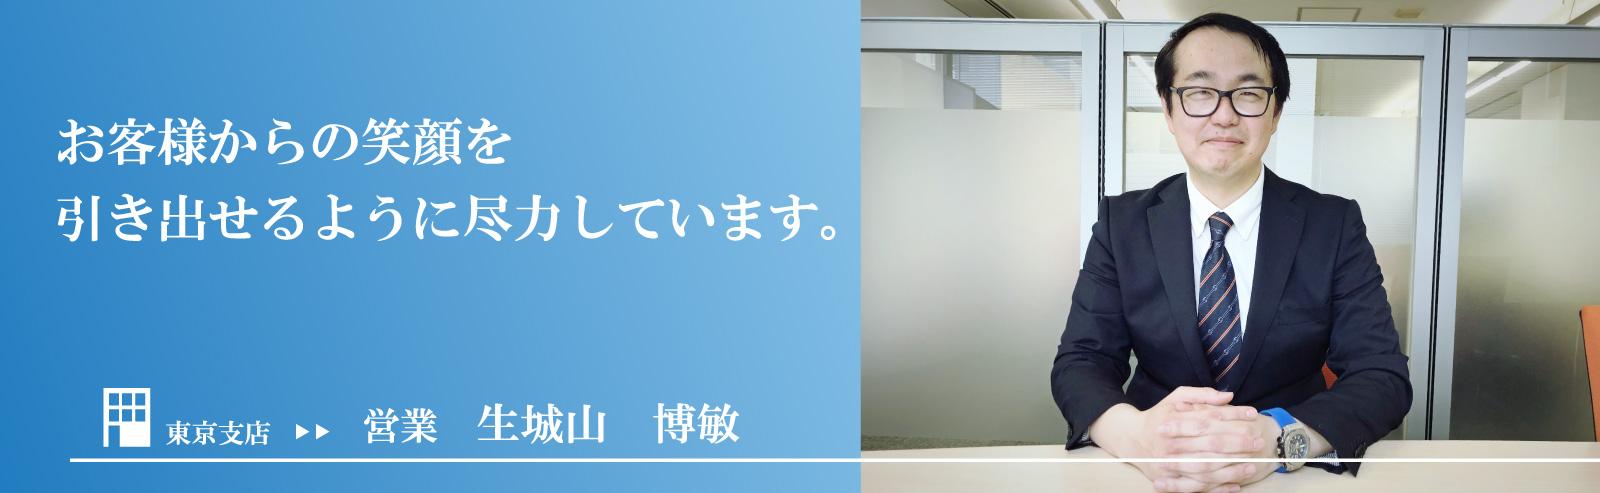 生城山博敏インタビュー